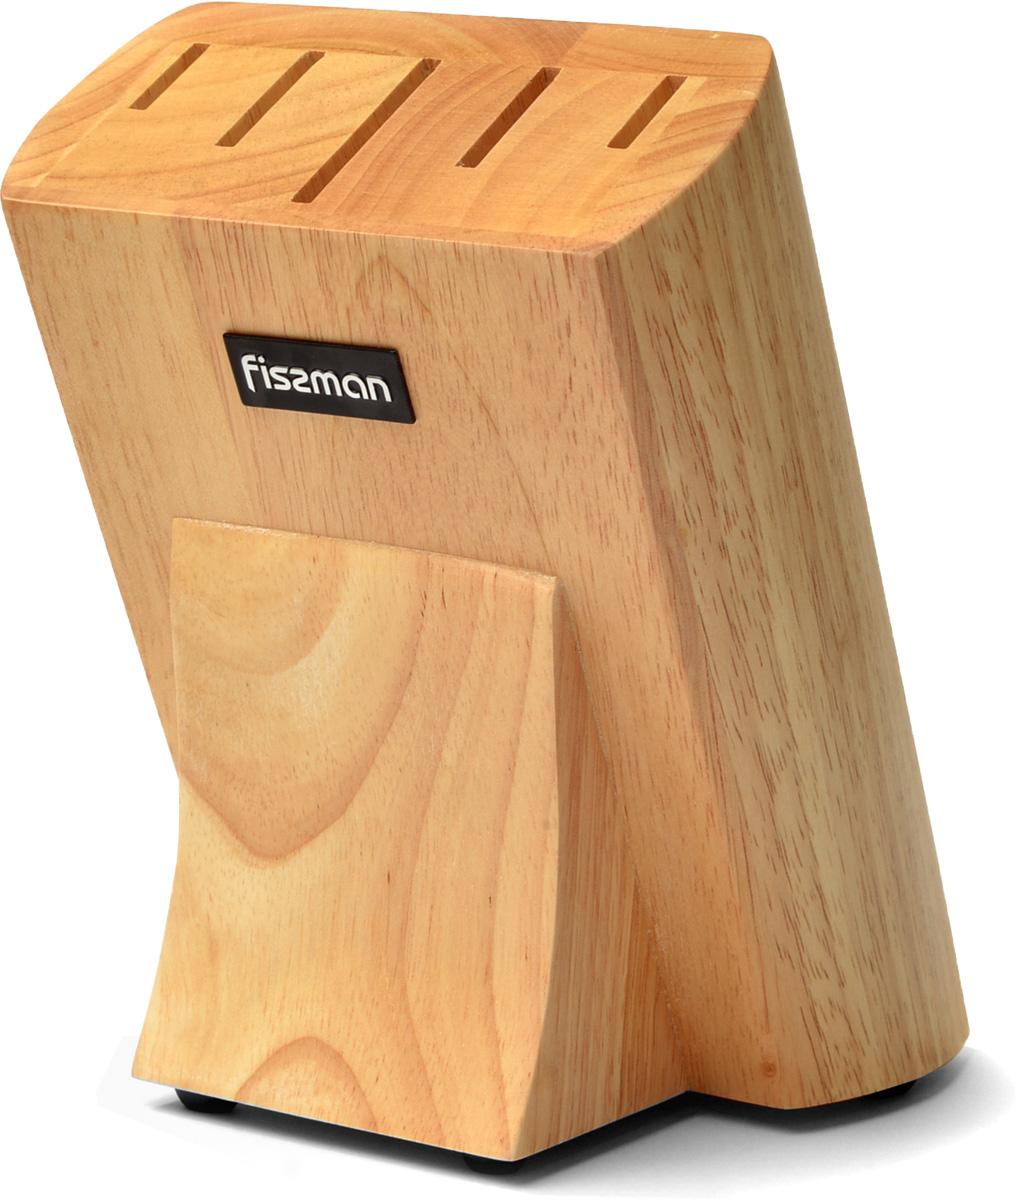 Подставка для кухонных ножей изготовлена из дерева. Традиционная подставка для ножей станет отличным дополнением любого интерьера на кухне. Подставка легко моется, создано удобное расстояние между ножами, препятствующее скоплению загрязнений.